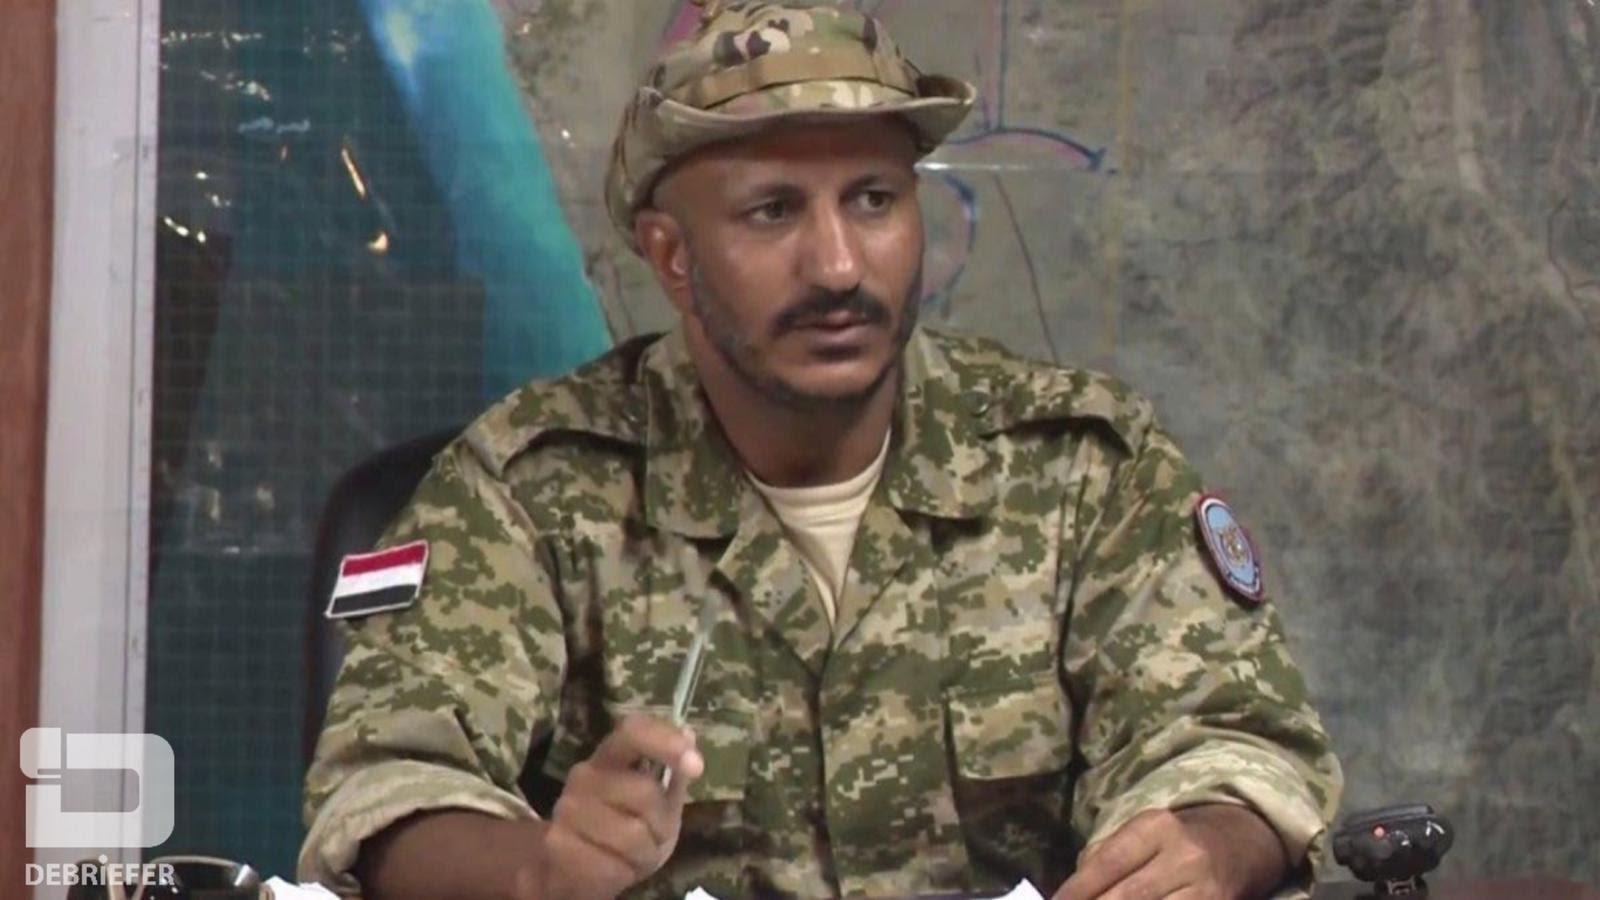 طارق صالح يعلن اعترافه بالحكومة الشرعية ويصدر هذا البيان